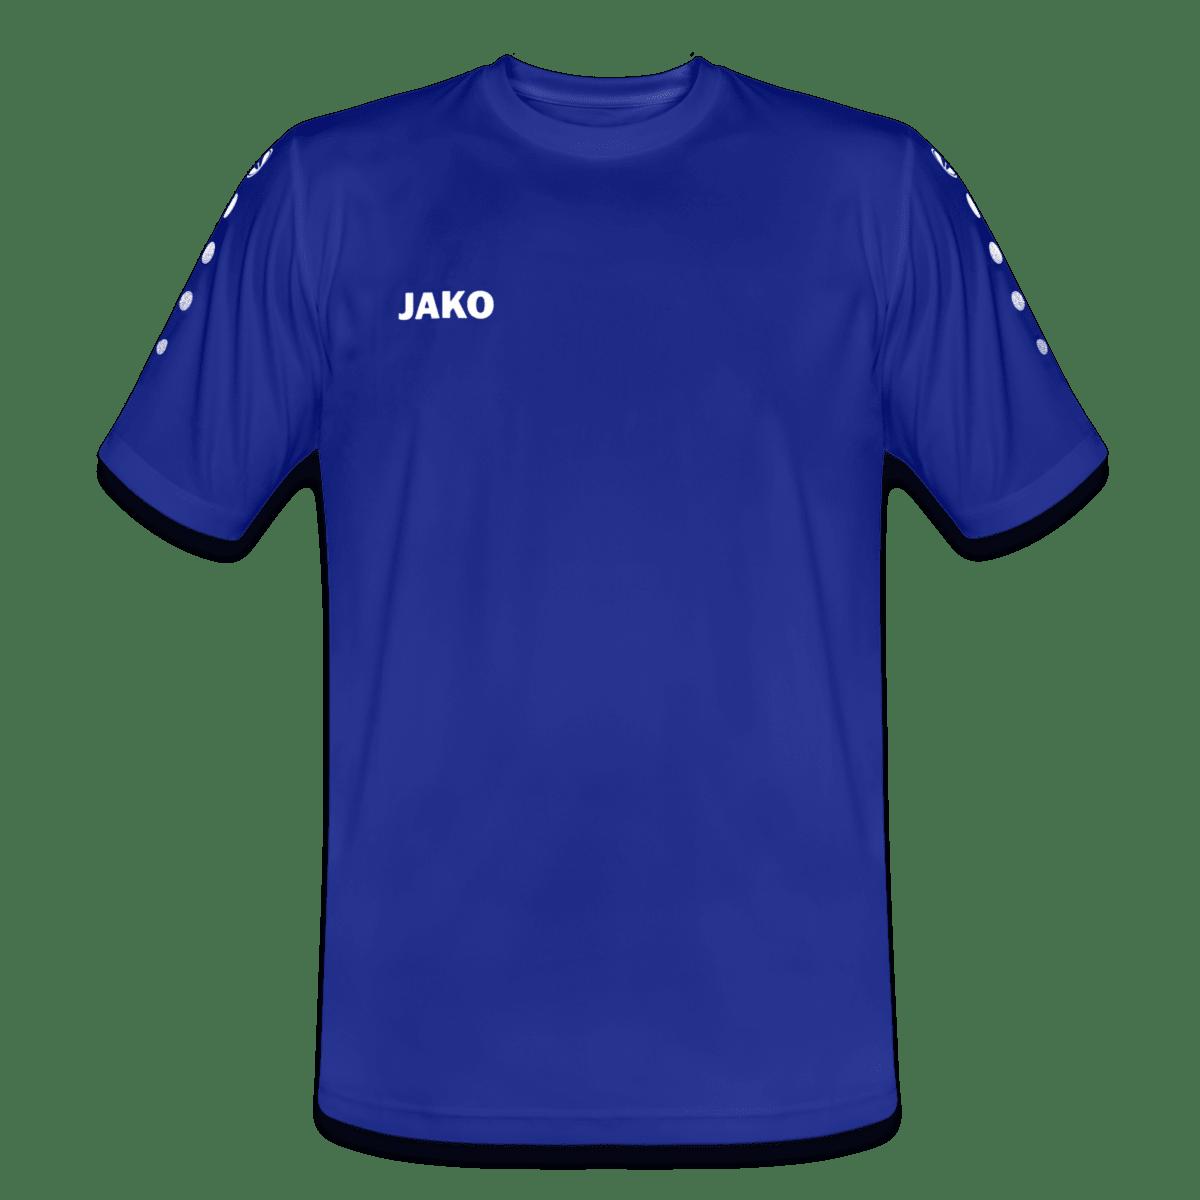 9d0ae9926 JAKO Team Football Kit | TeamShirts